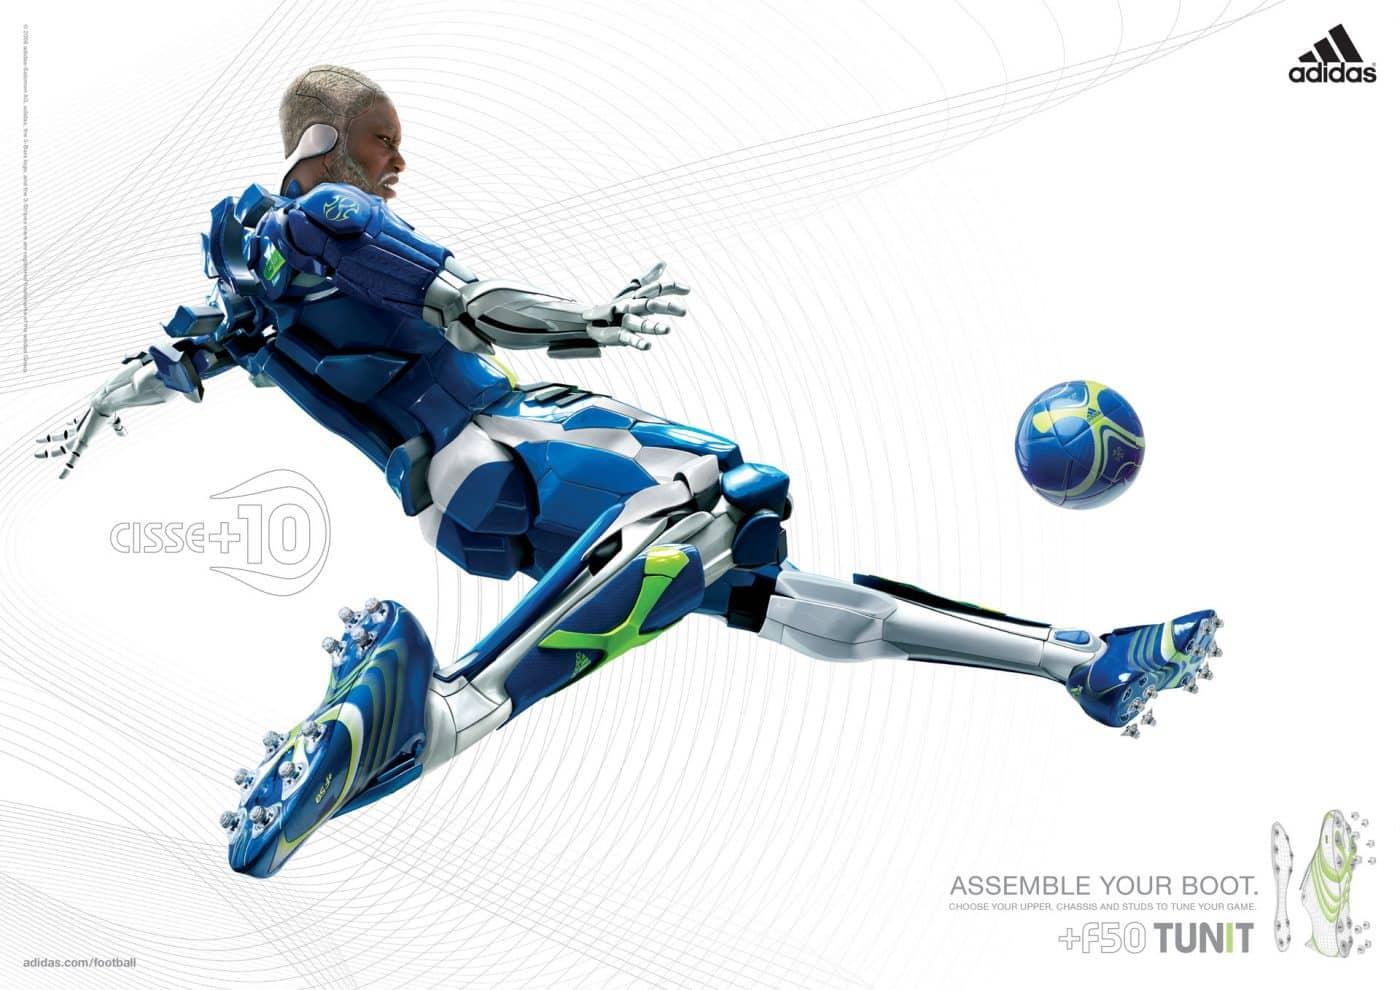 adidas-f50-tunit-djibril-cisse-1